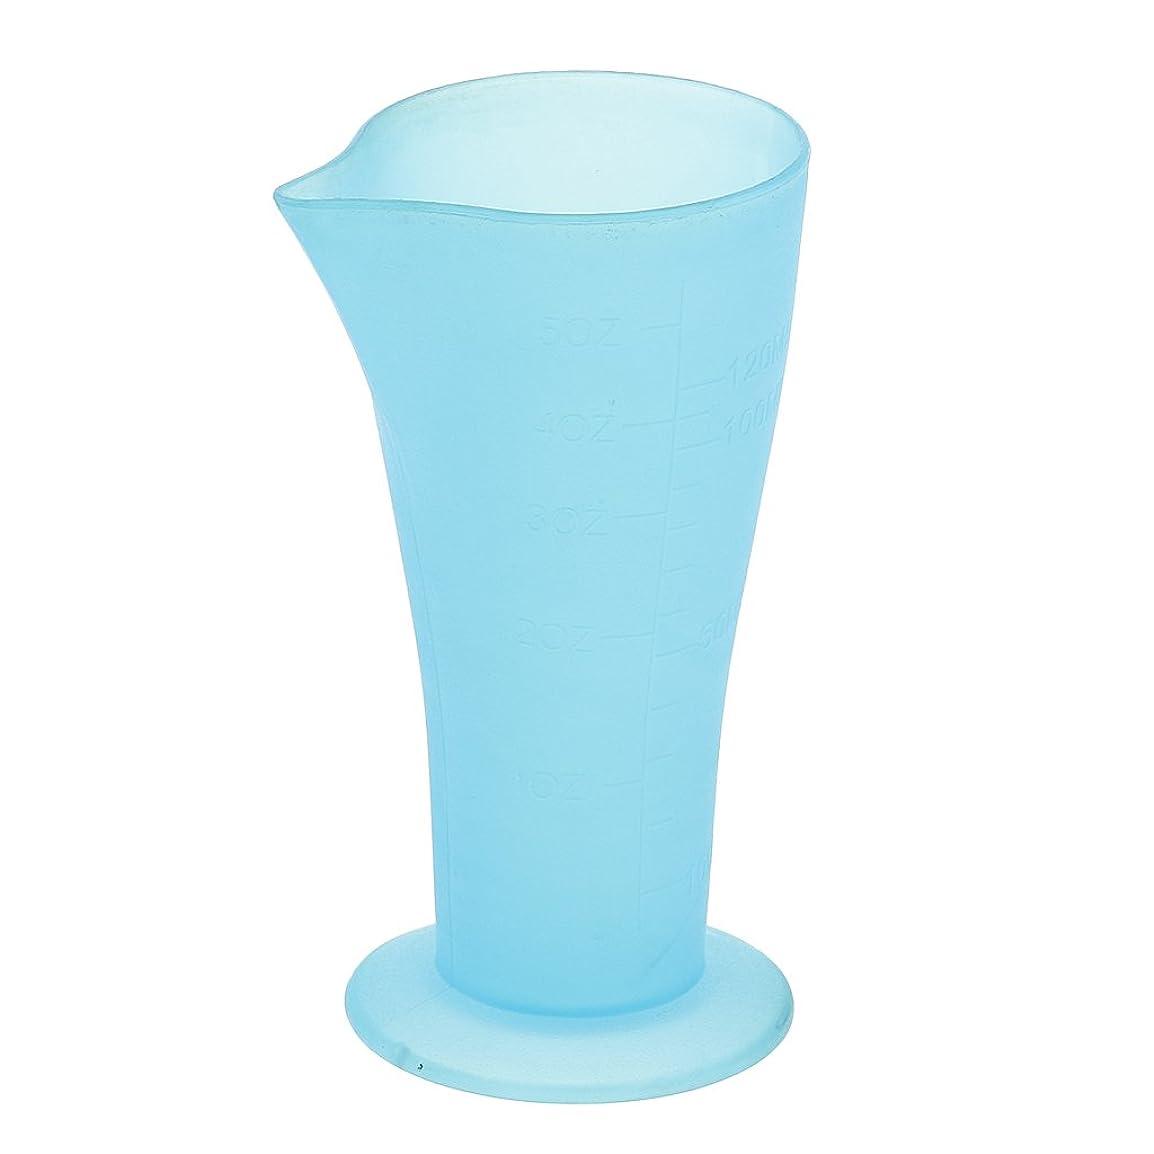 アトム驚公平なBaosity 計量カップ ヘアダイカップ プラスチック サロン 髪の色合い 色の混合用 読みやすい測定 再使用可能